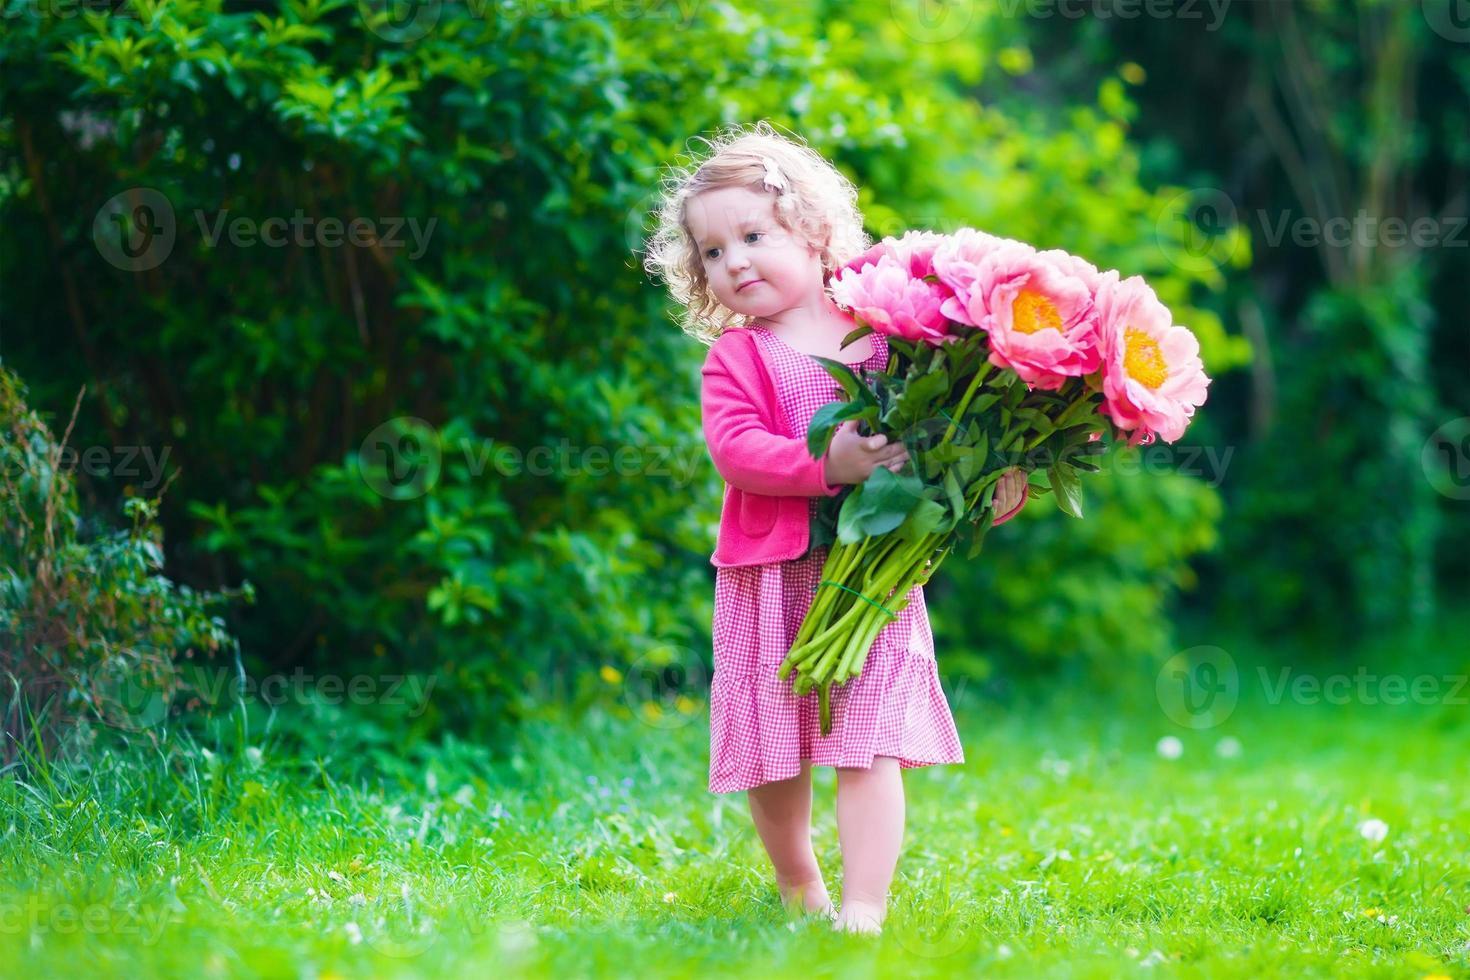 schattig klein meisje met pioen bloemen in de tuin foto